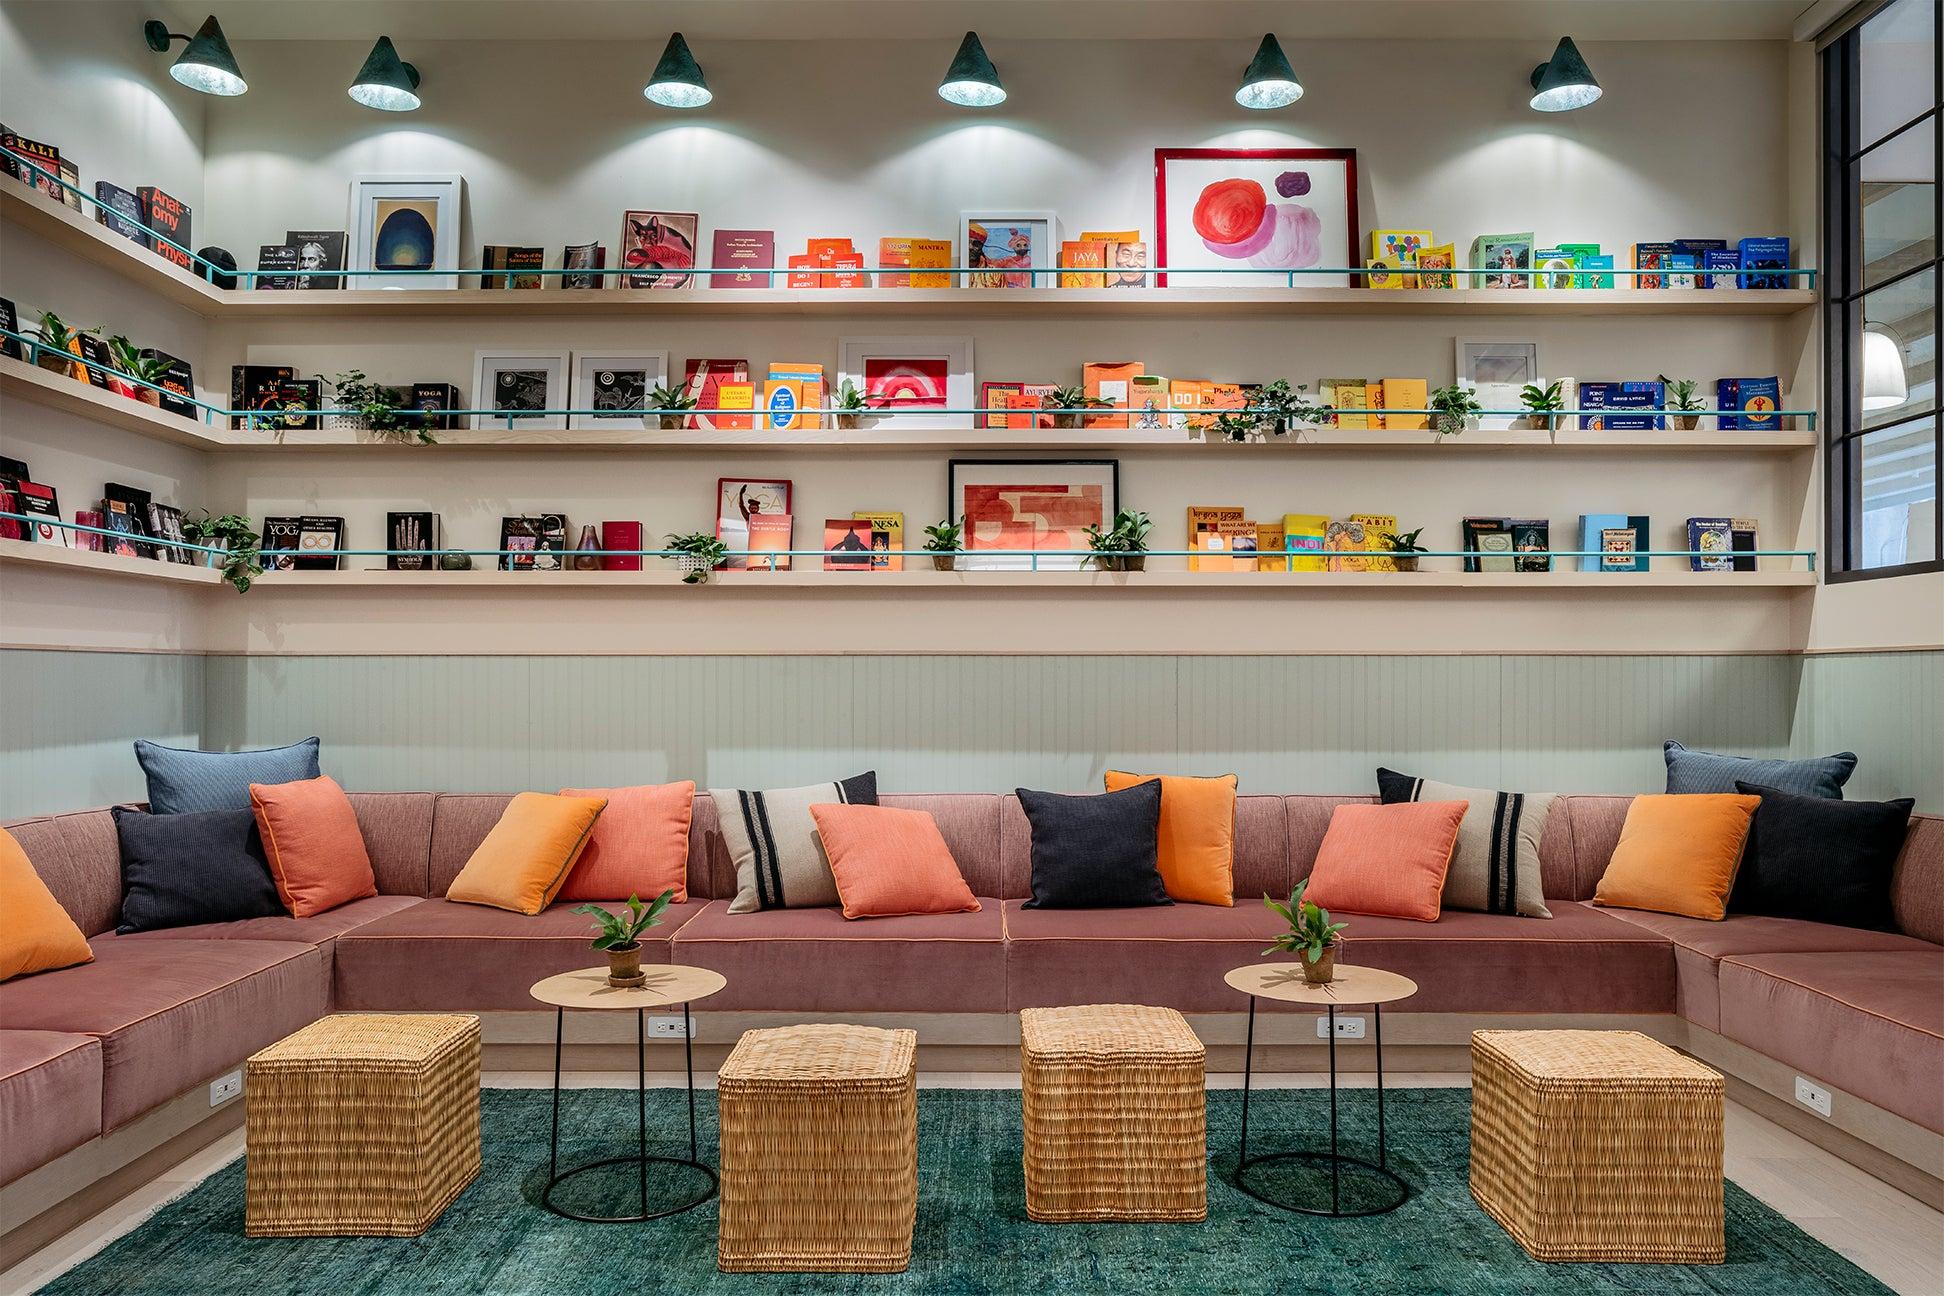 Colorful lounge area